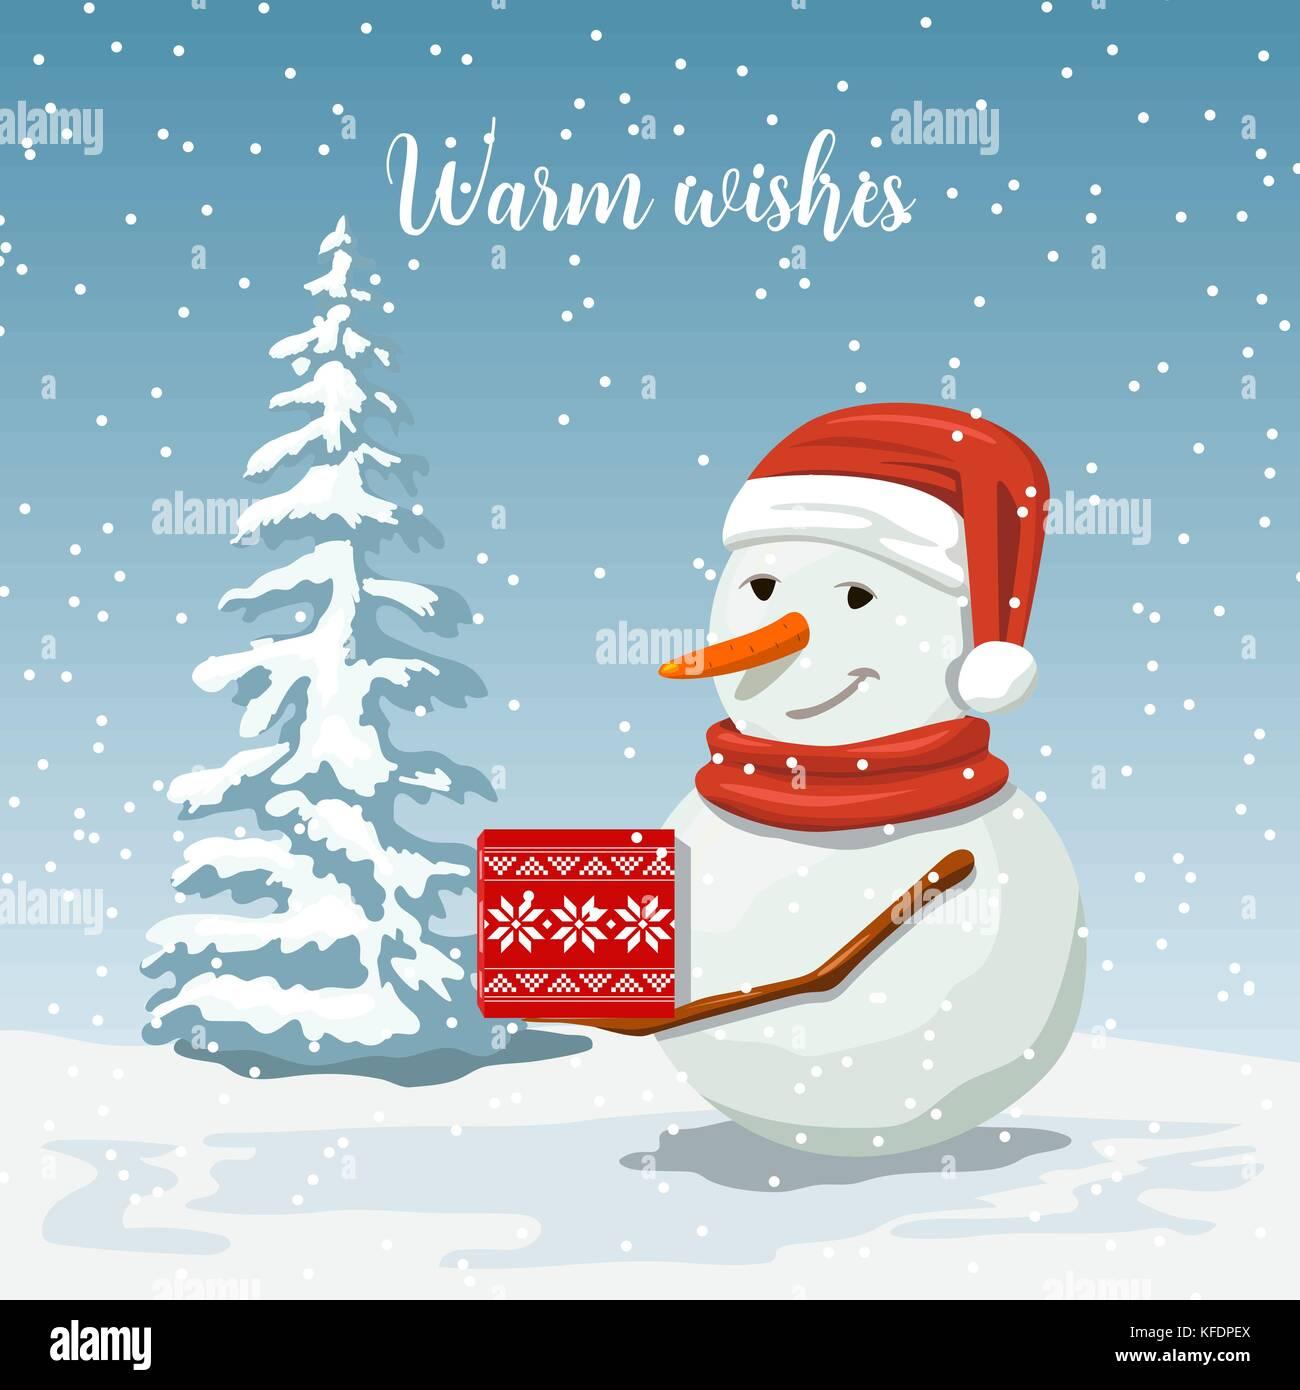 Fotos Simpaticas De Papa Noel.Simpatico Muneco De Nieve En Un Gorro De Papa Noel